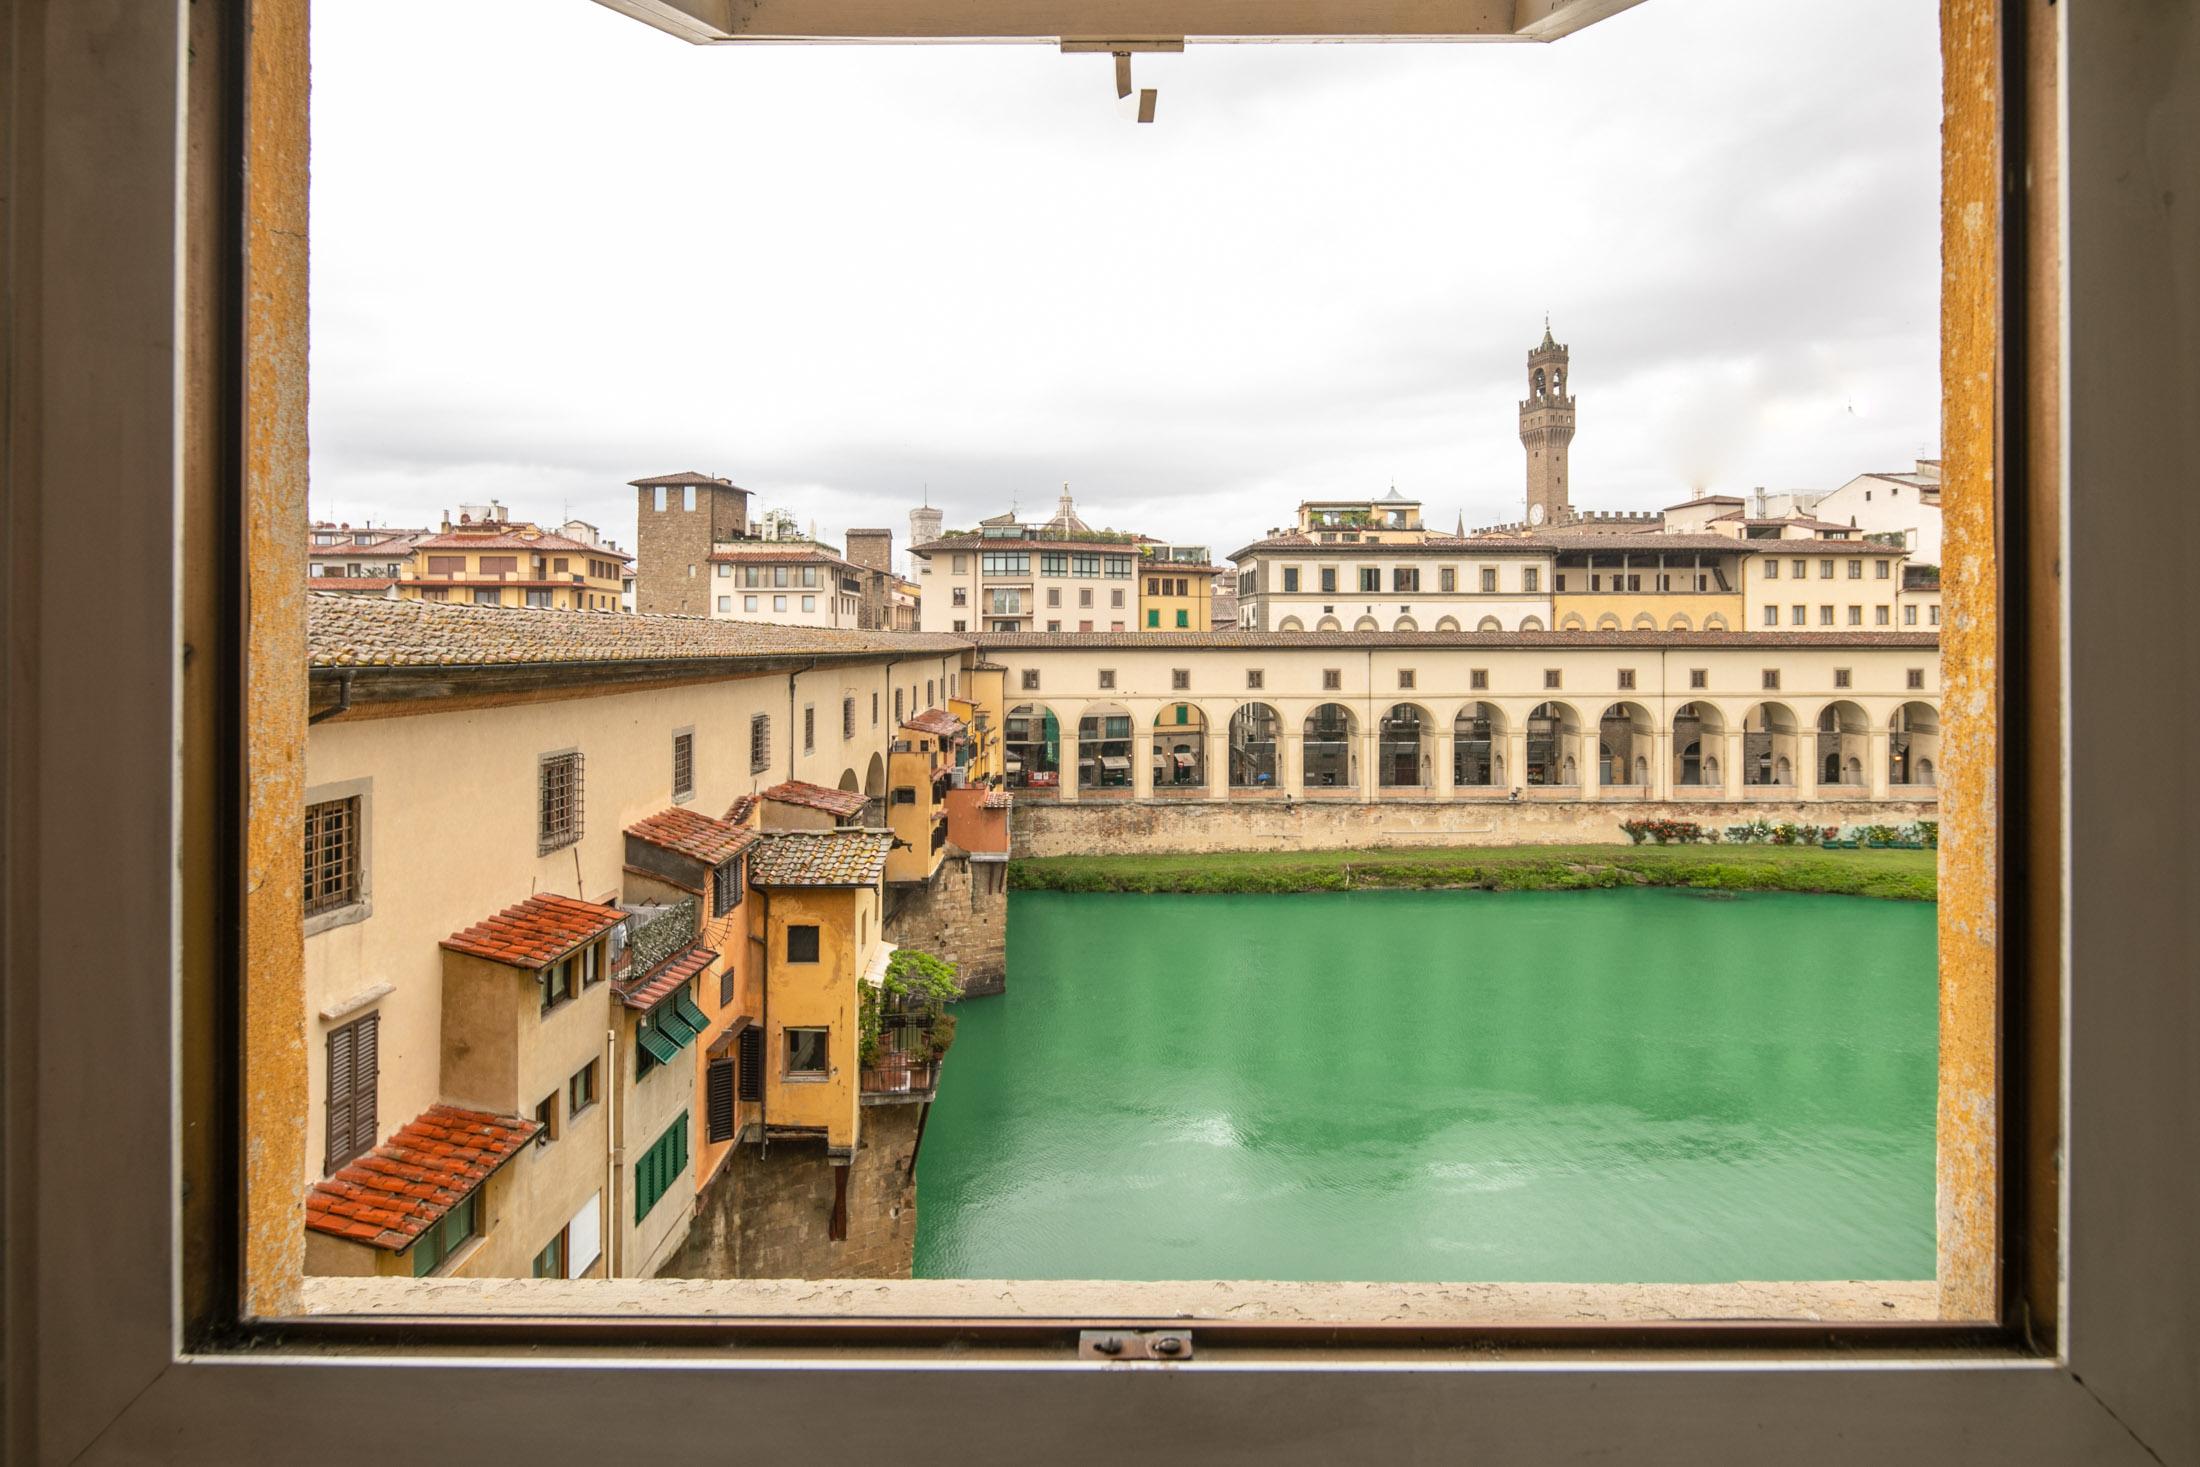 Appartamento<br> con vista sull'Arno